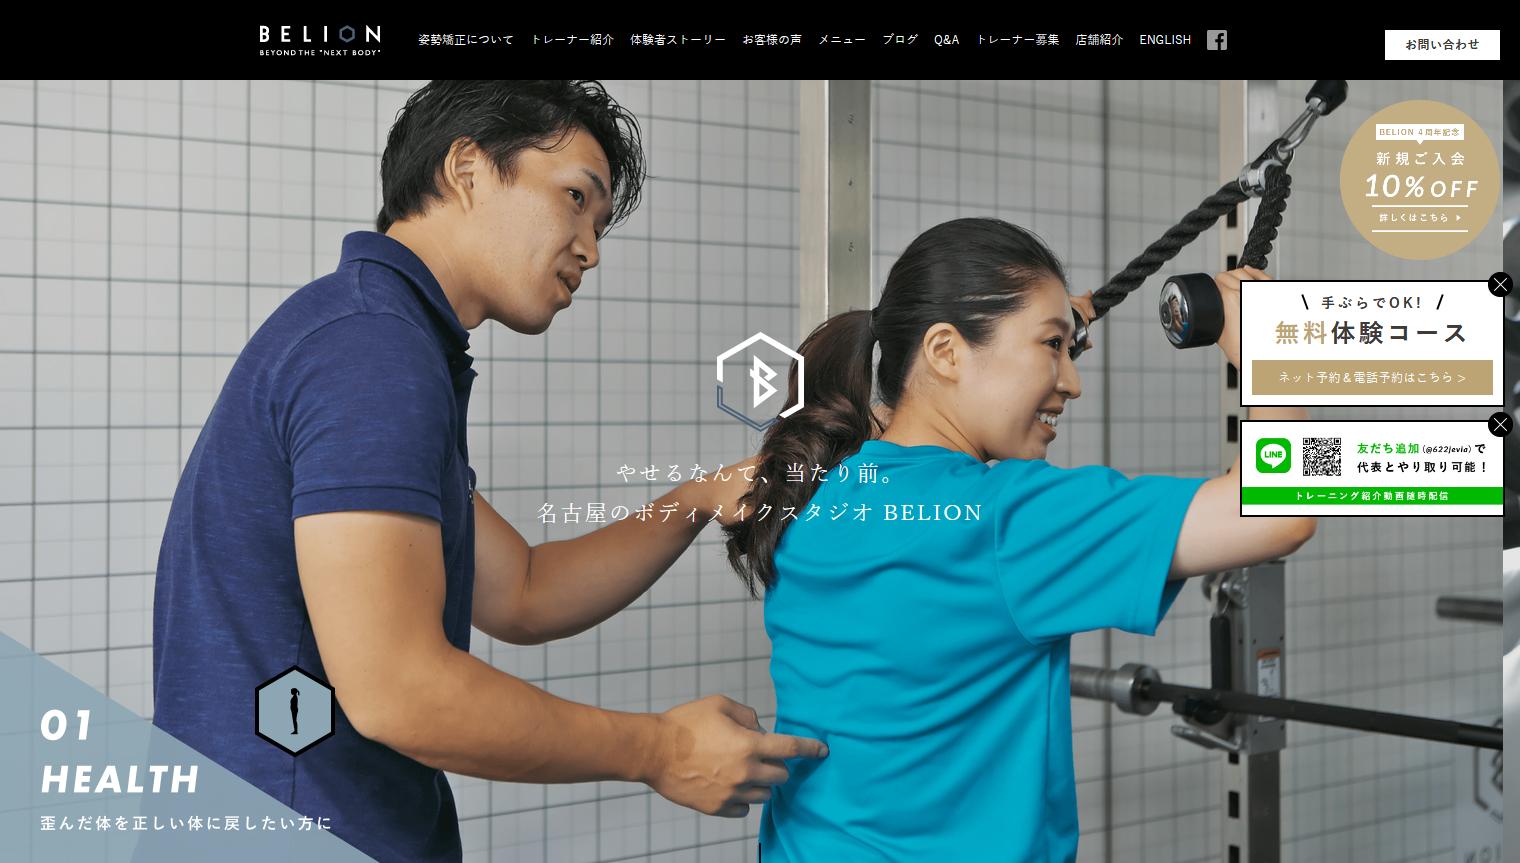 名古屋のパーソナルトレーニングスタジオBELION(ビリオン) - 姿勢矯正ダイエット!名古屋のパーソナルトレーニングスタジオBELION